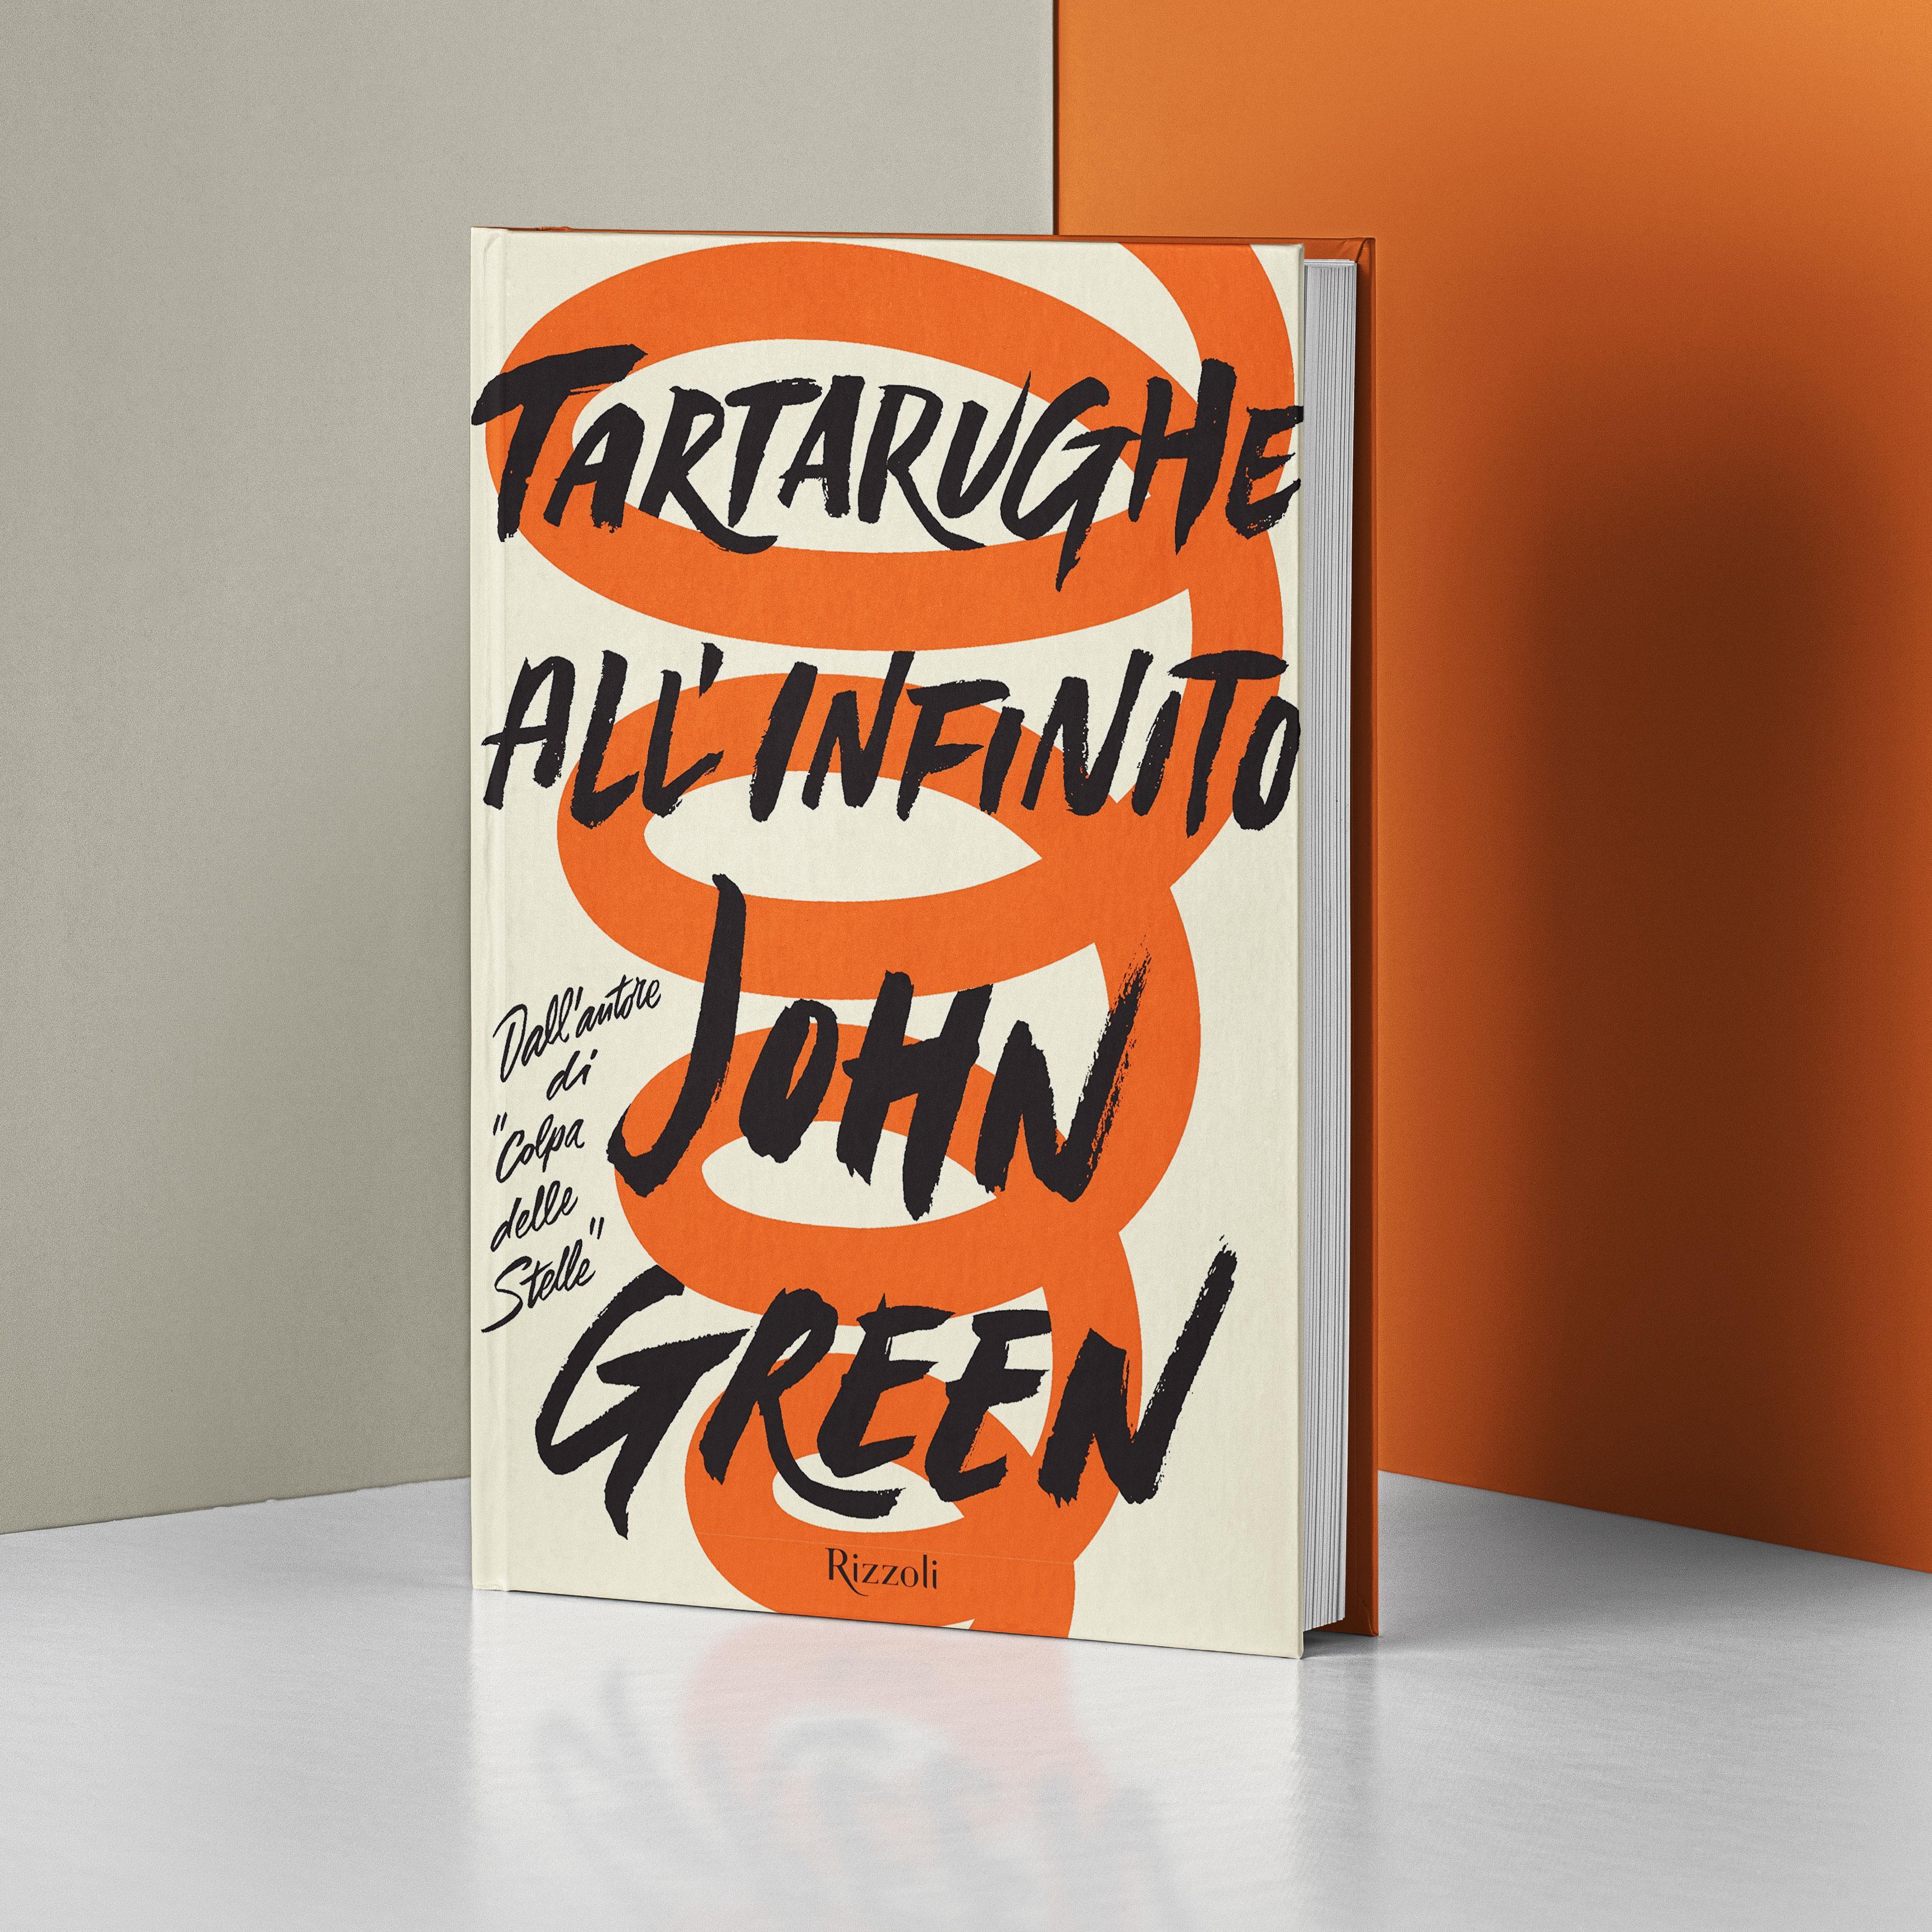 L'ultimo libro di John Green: Tartarughe all'infinito, 2017